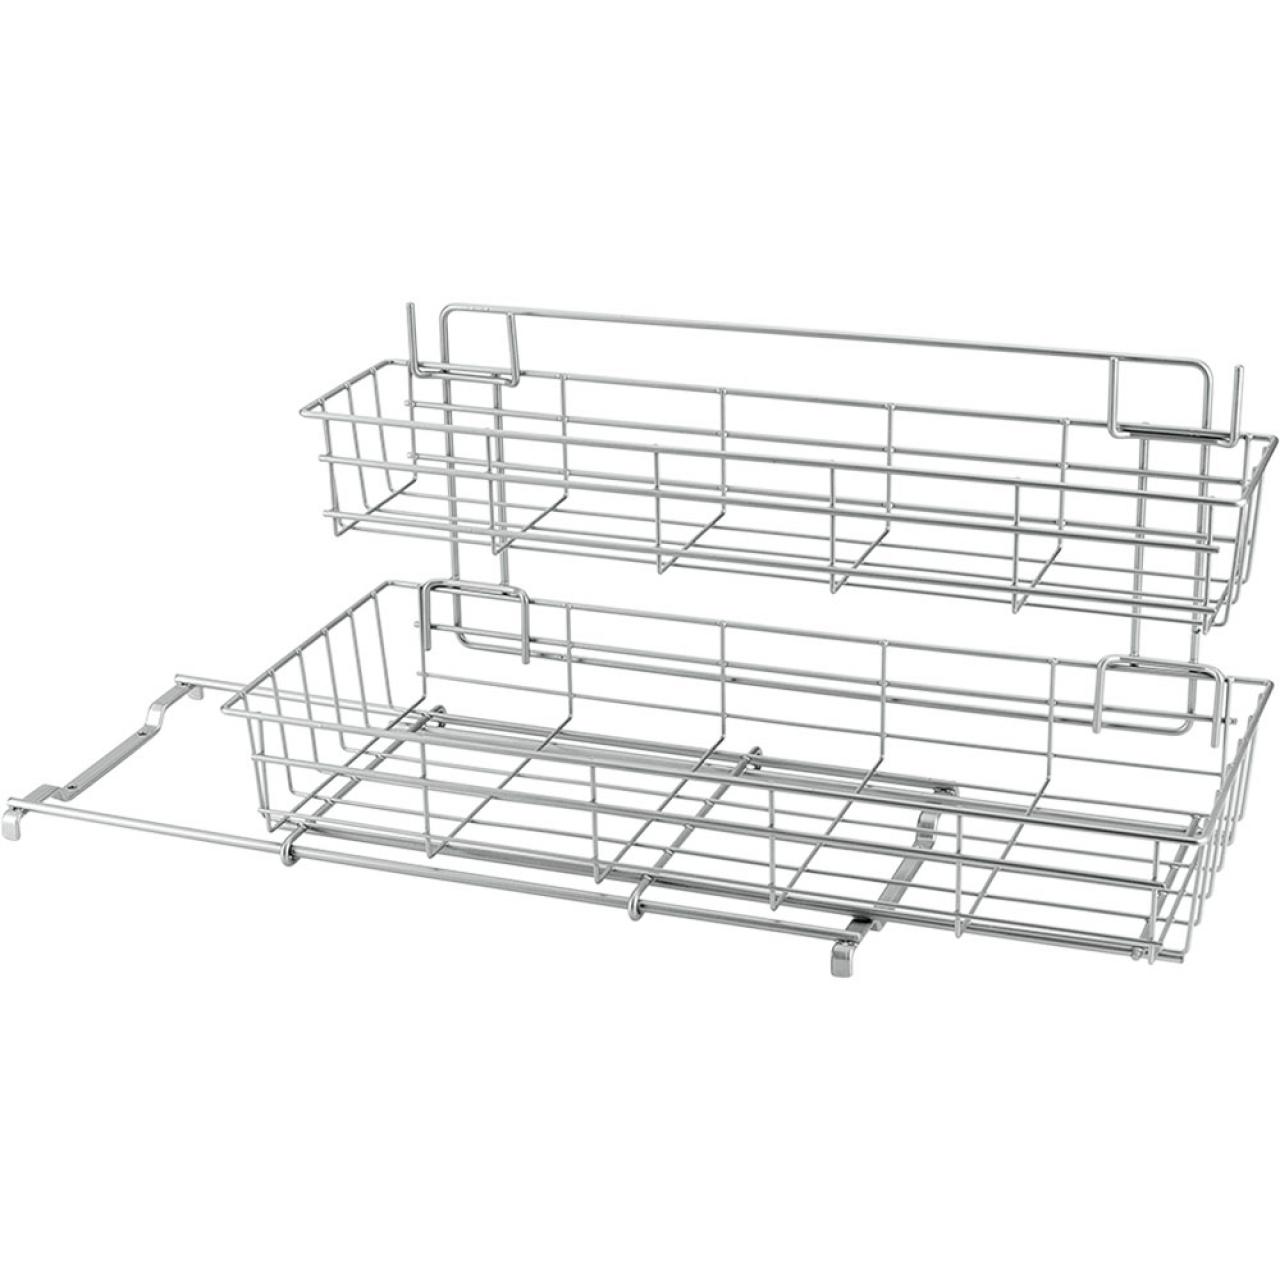 Etajeră cu 2 coșuri pentru dulap Metaltex Limpio